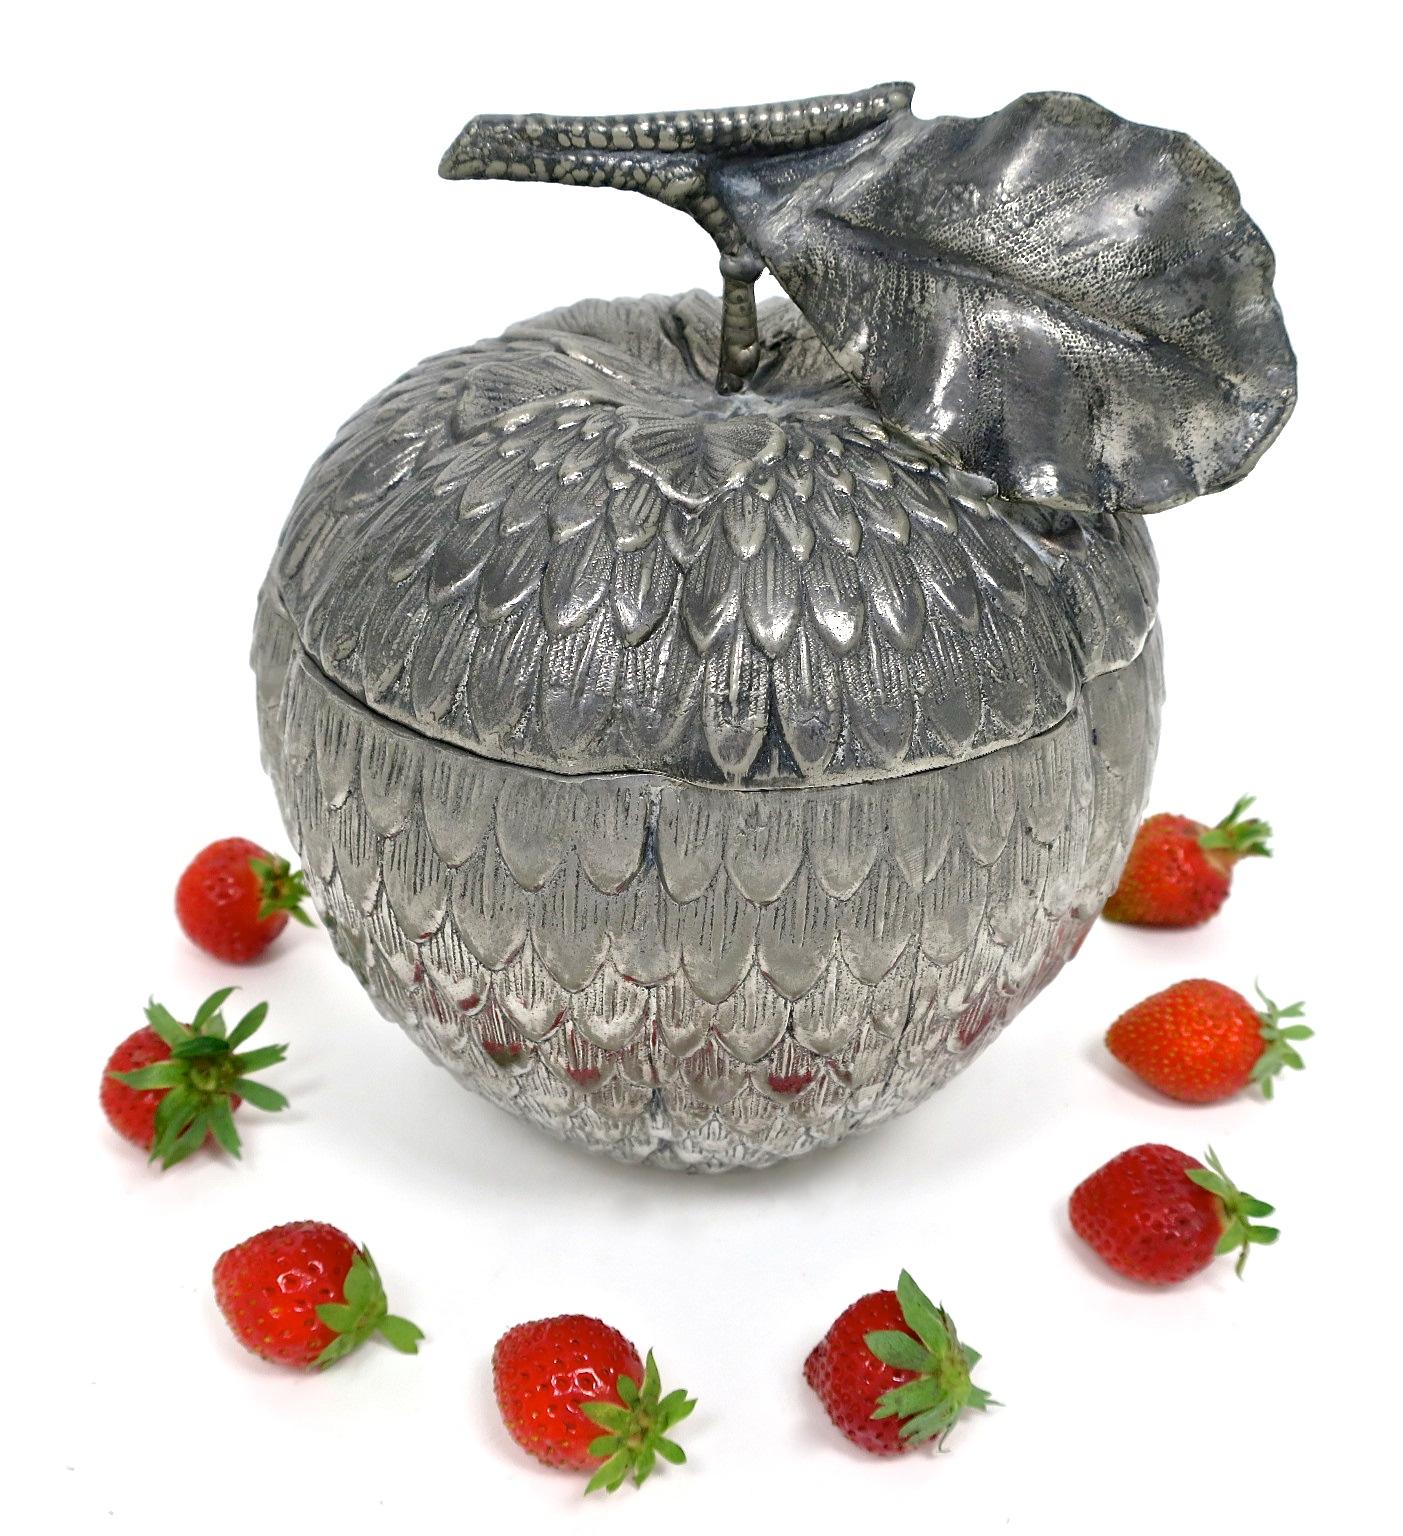 mauromanetti erdbeere strawberry kaufmuseum icebucket hollywood interior geschenke eisbehälter inneneinrichtung midcentury midmos seventies sixties vintage